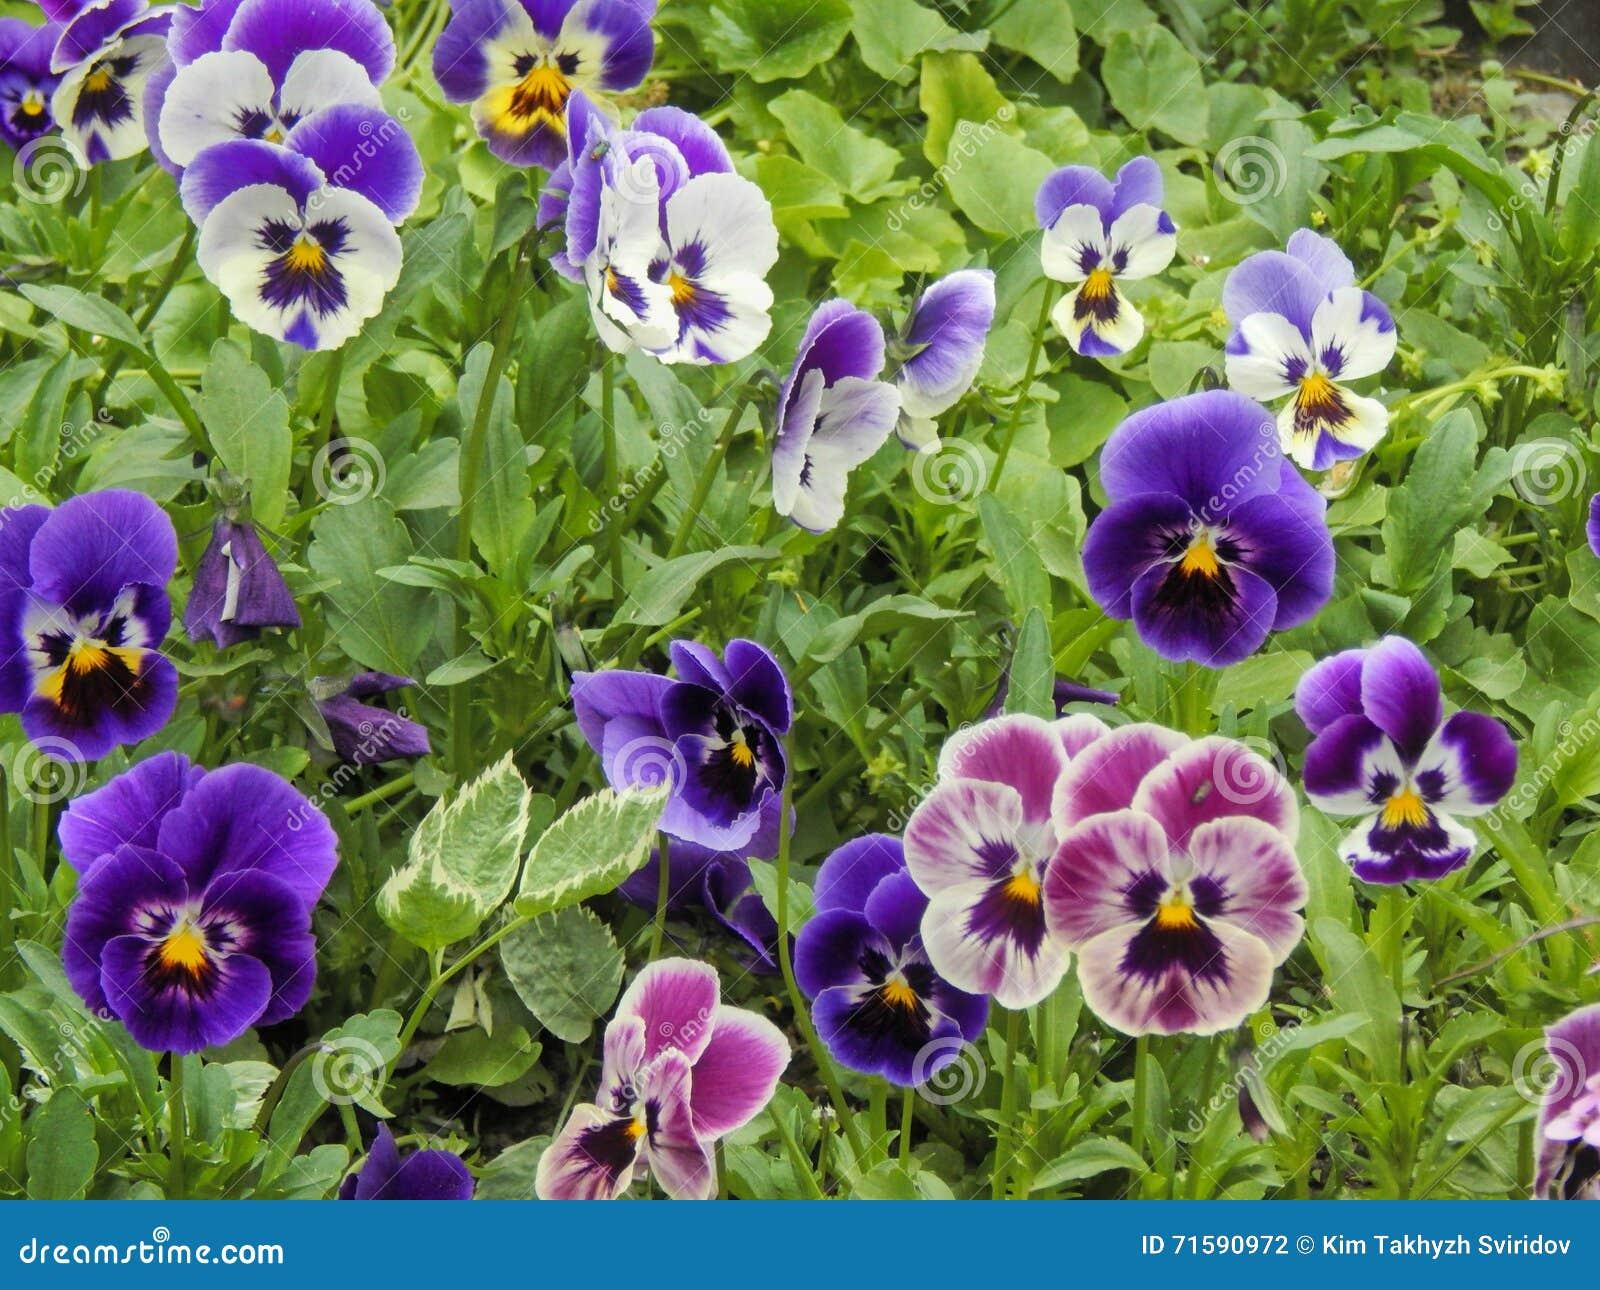 Fleurs de jardin d\'automne photo stock. Image du beauté - 71590972